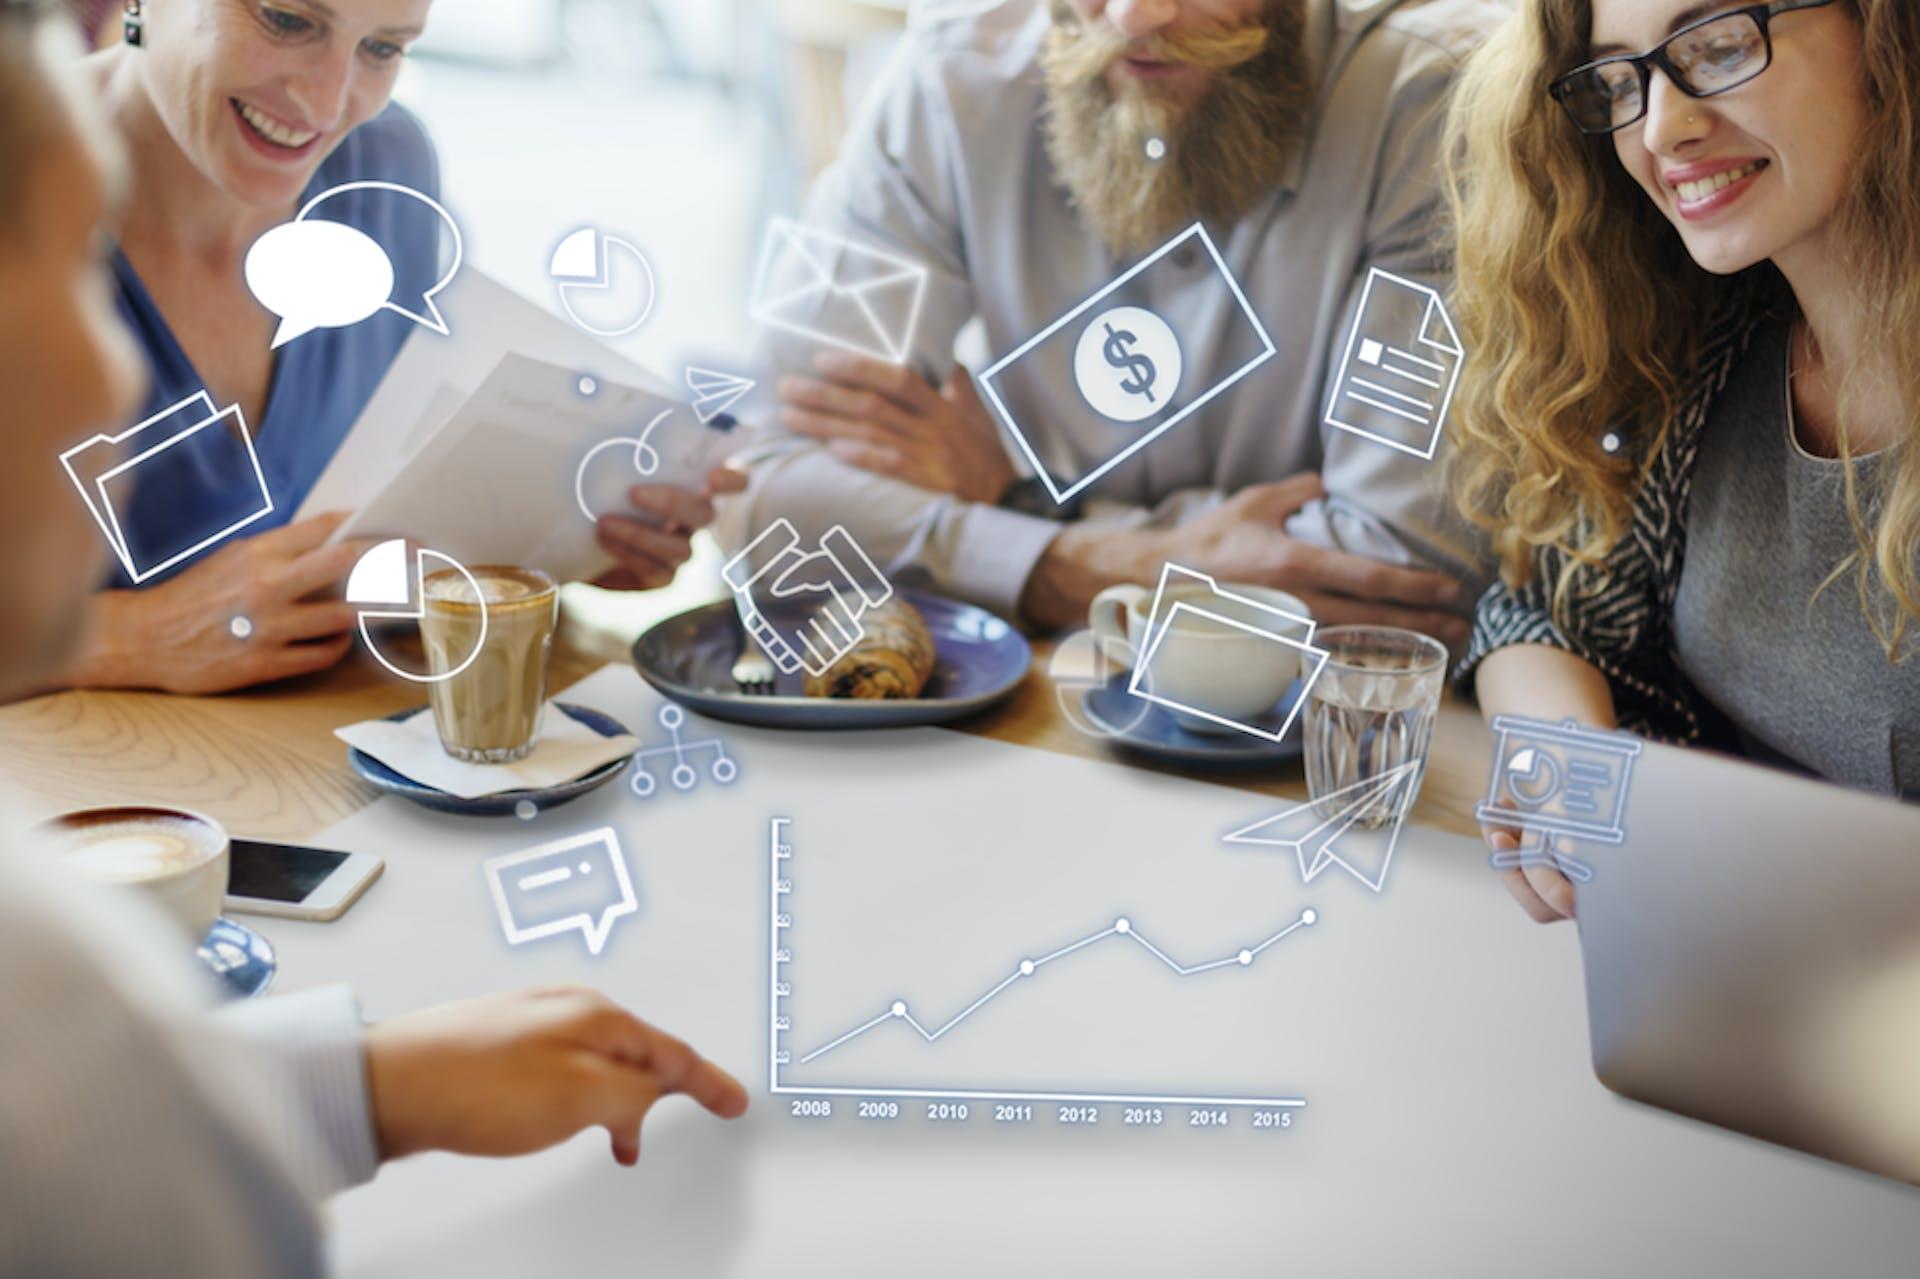 Team arbeitet an einem Tisch Overlay Icons zum PR Kampagnenmanagement